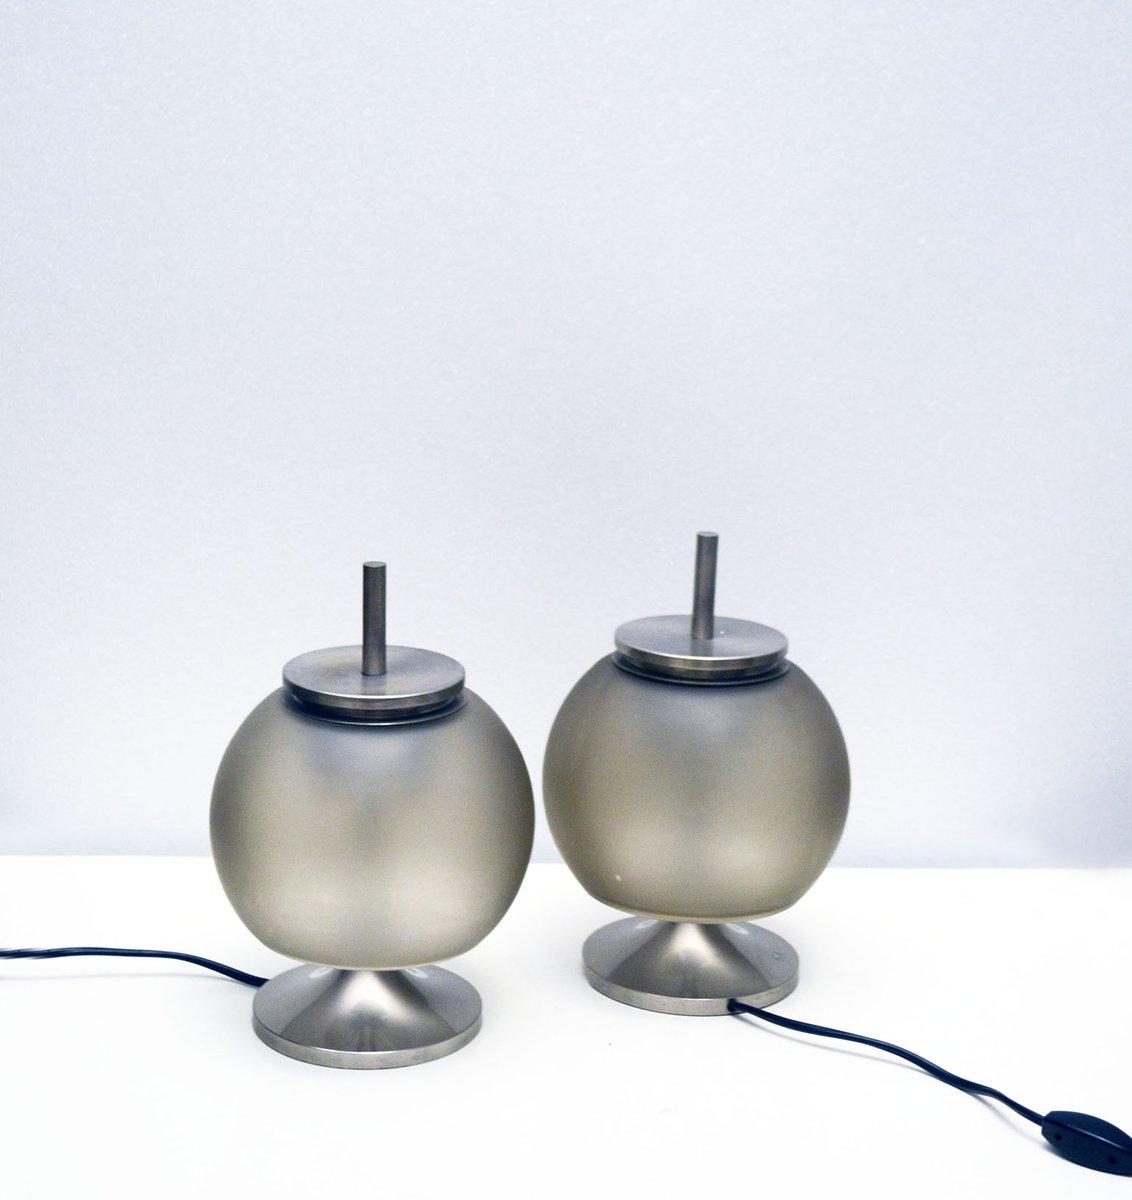 Chi Tischlampen von Emma Gismondi Schweinberger für Artemide, 1962, 2e...